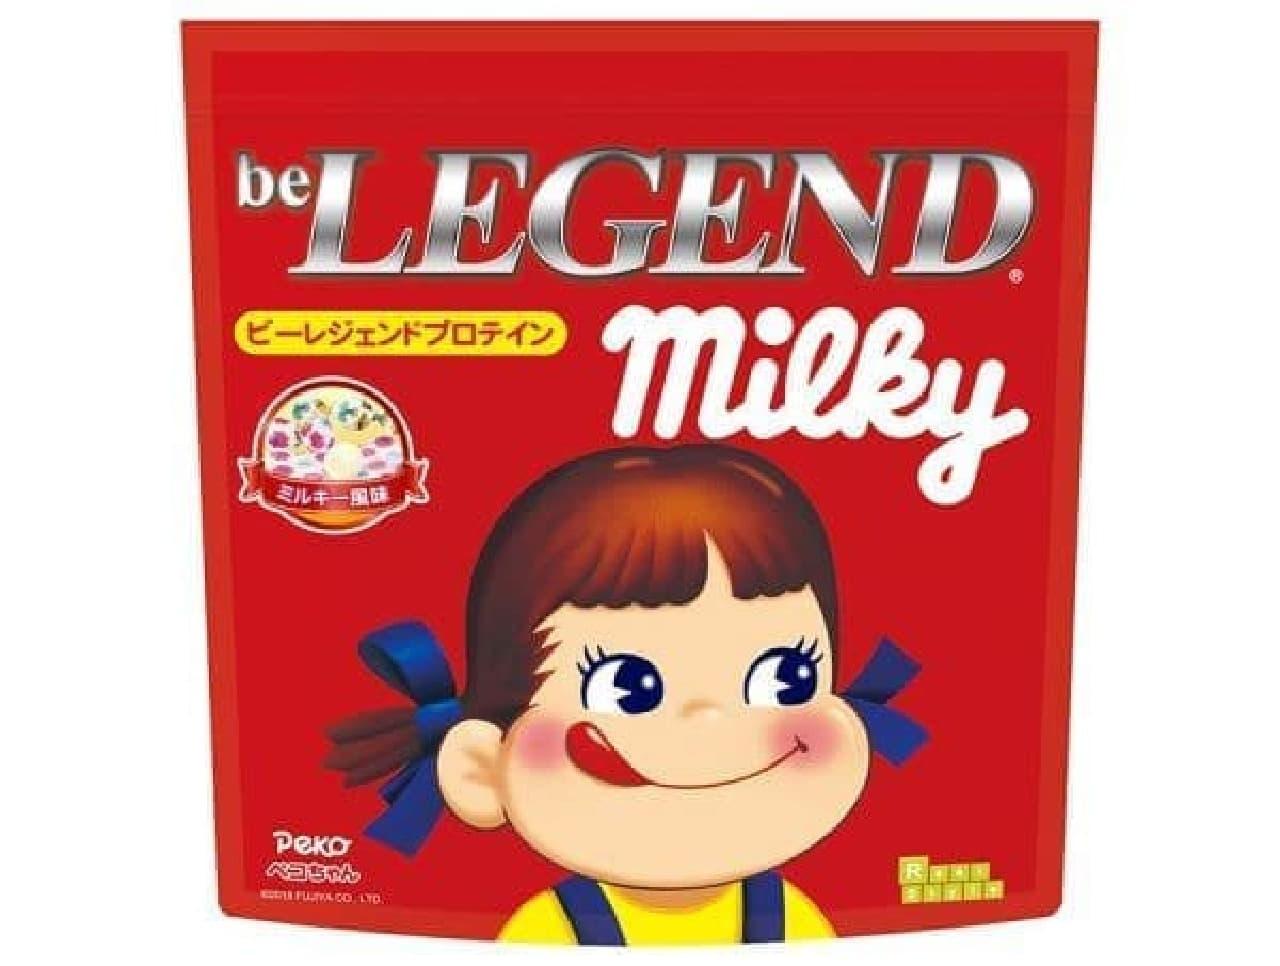 「ビーレジェンドミルキー」は、不二家の人気菓子『ミルキー』の味が再現されたプロテイン